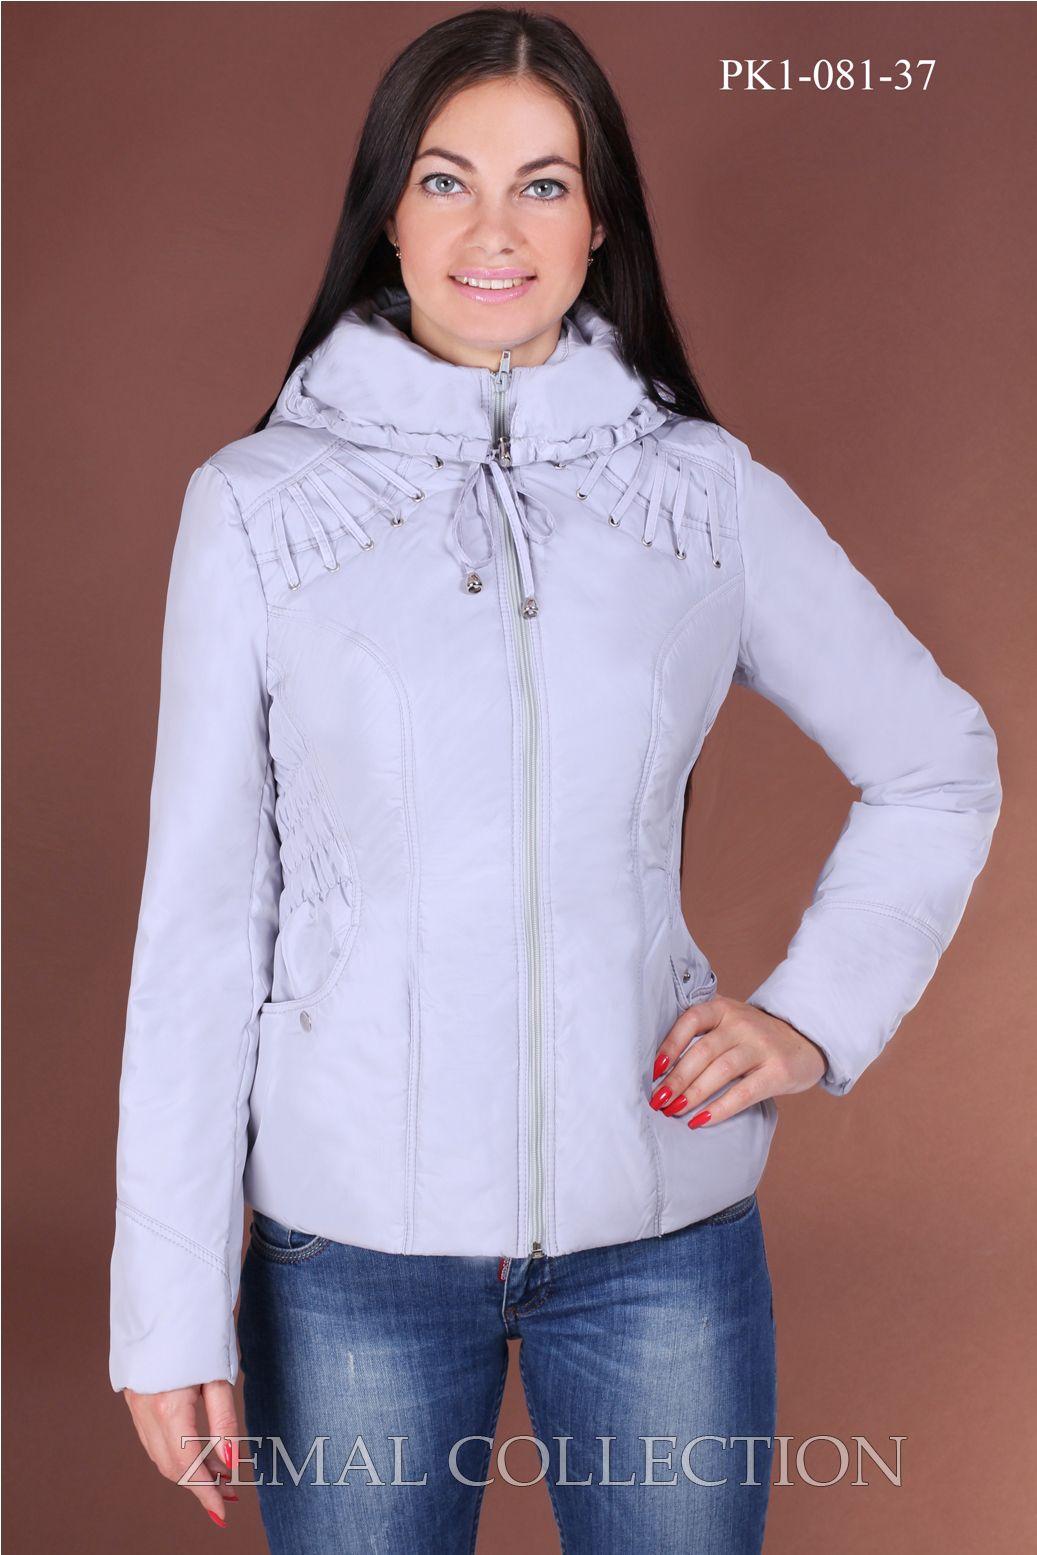 Куртка РК1-081 купить на сайте производителя